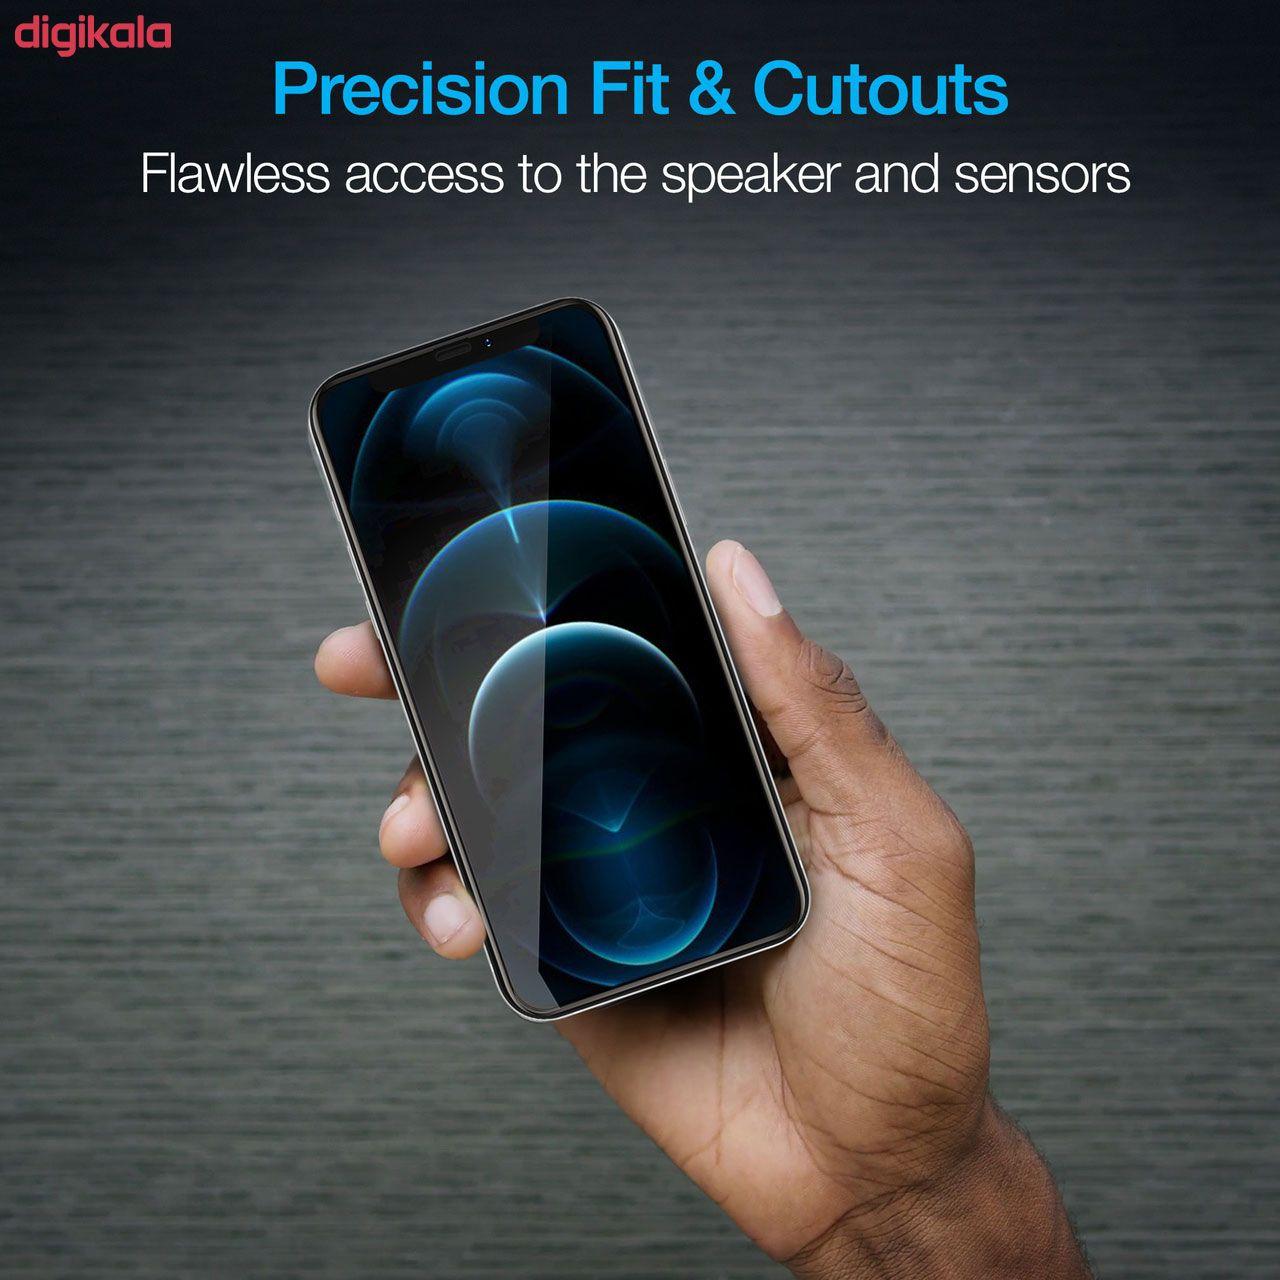 محافظ صفحه نمایش مدل FCG مناسب برای گوشی موبایل اپل iPhone 12 mini بسته دو عددی main 1 16